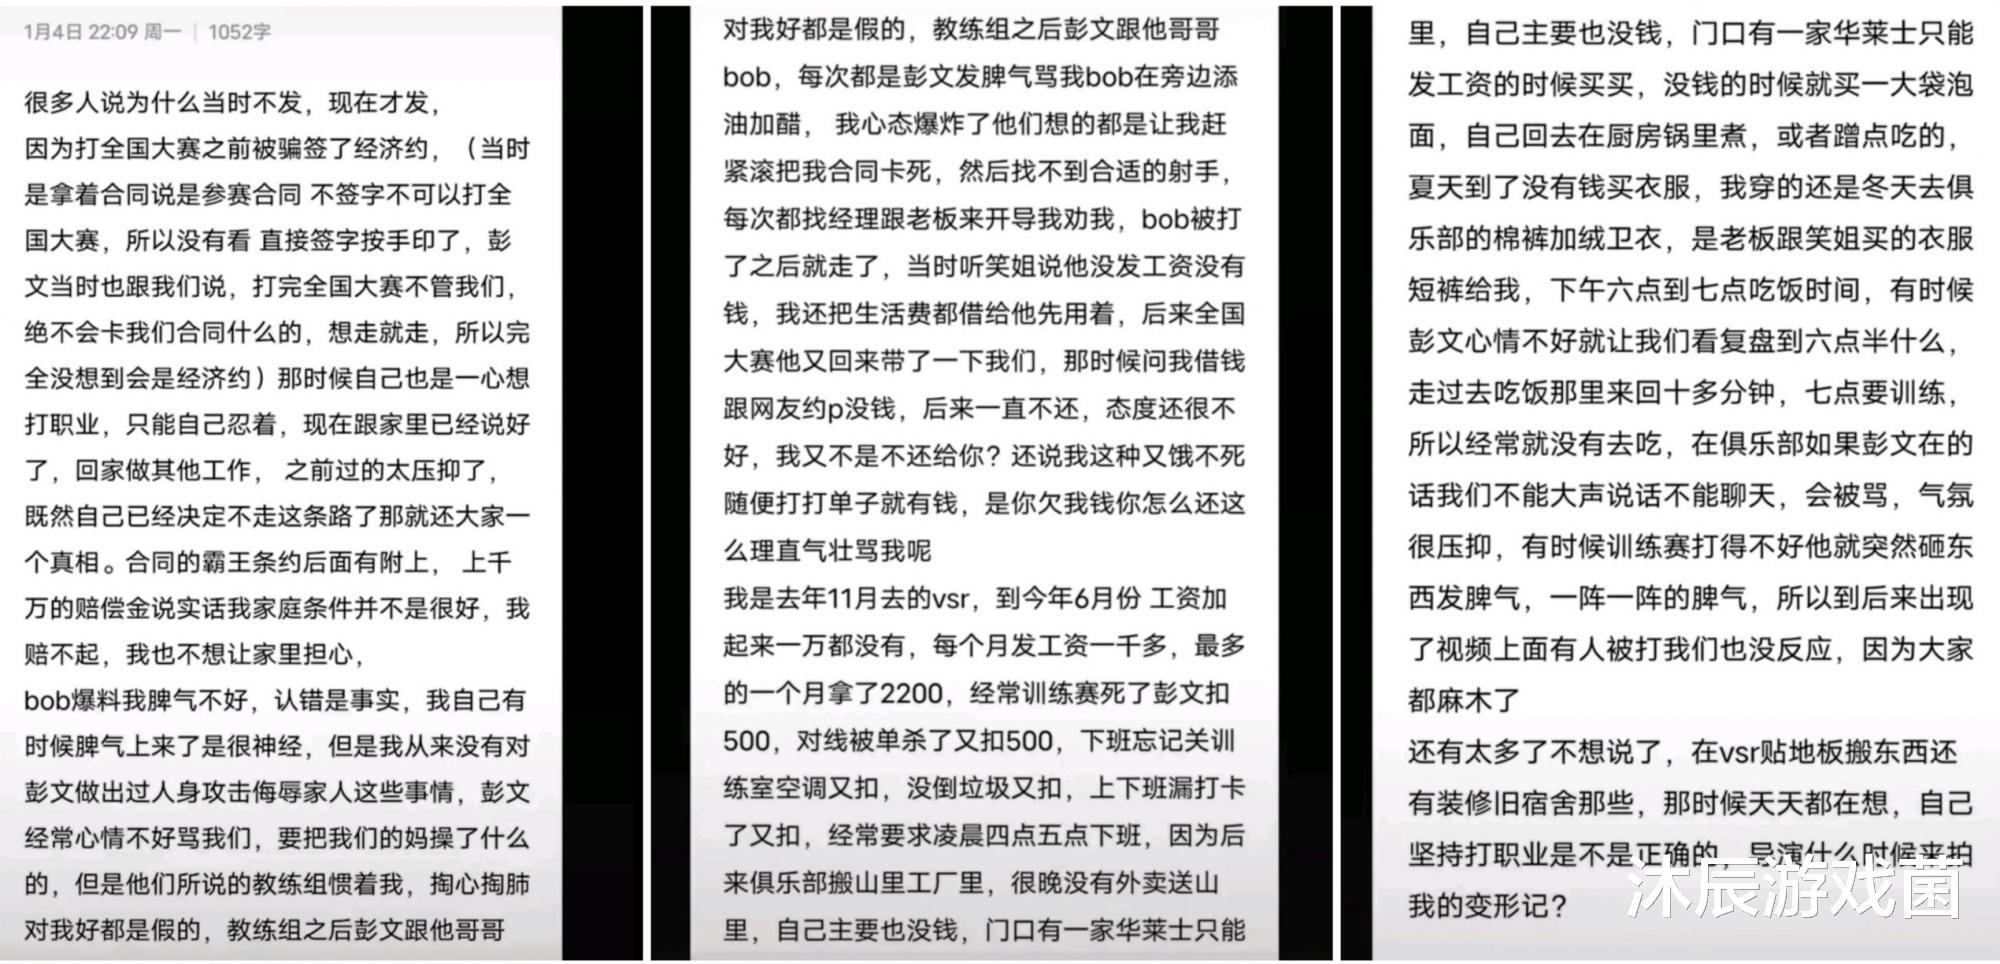 """《【煜星娱乐平台怎么注册】Vv打人事件彻底发酵,克扣工资、卡合同,俱乐部队员称""""已麻木""""》"""